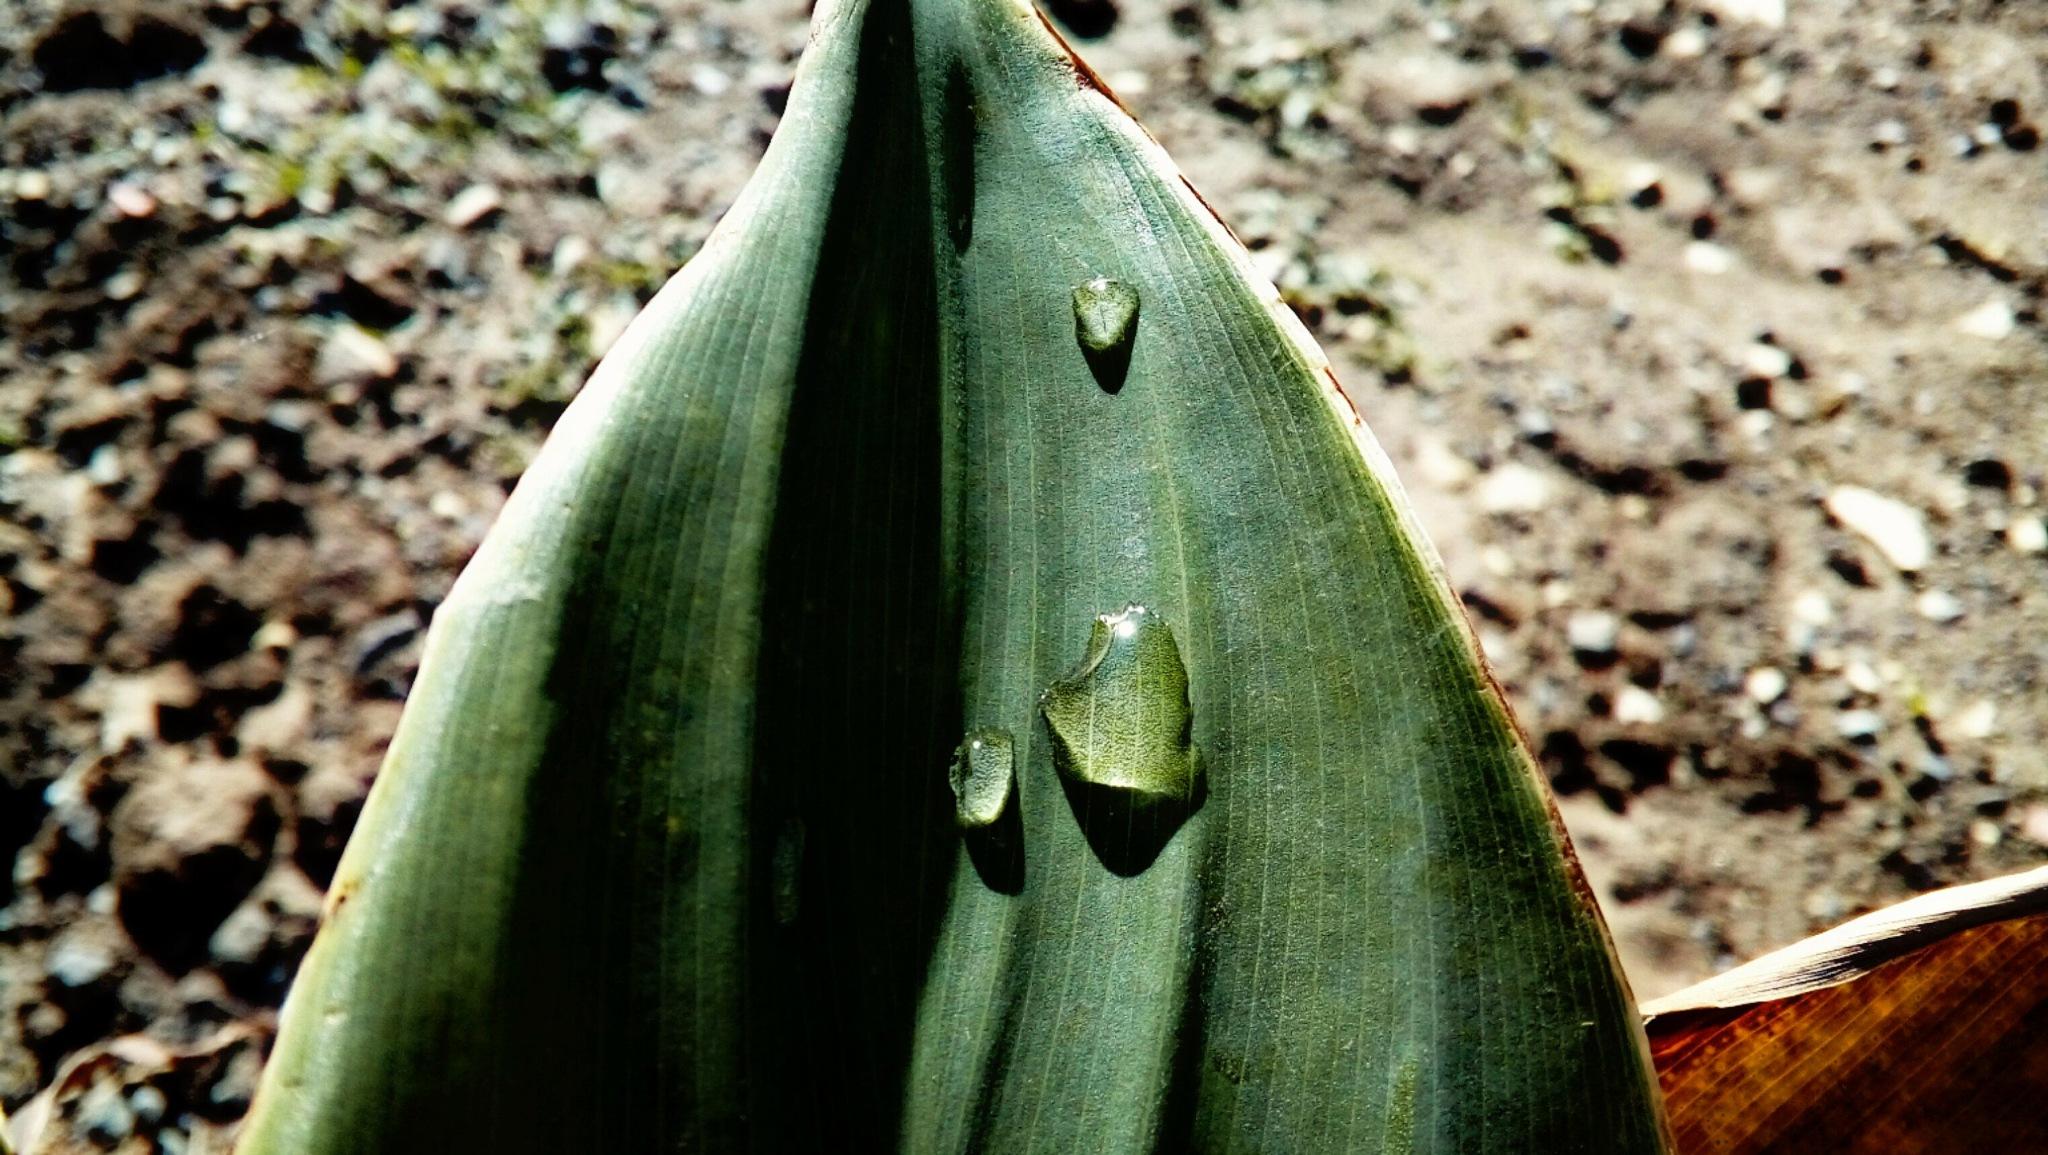 Droplets on leaves by Ana-Marija Veg